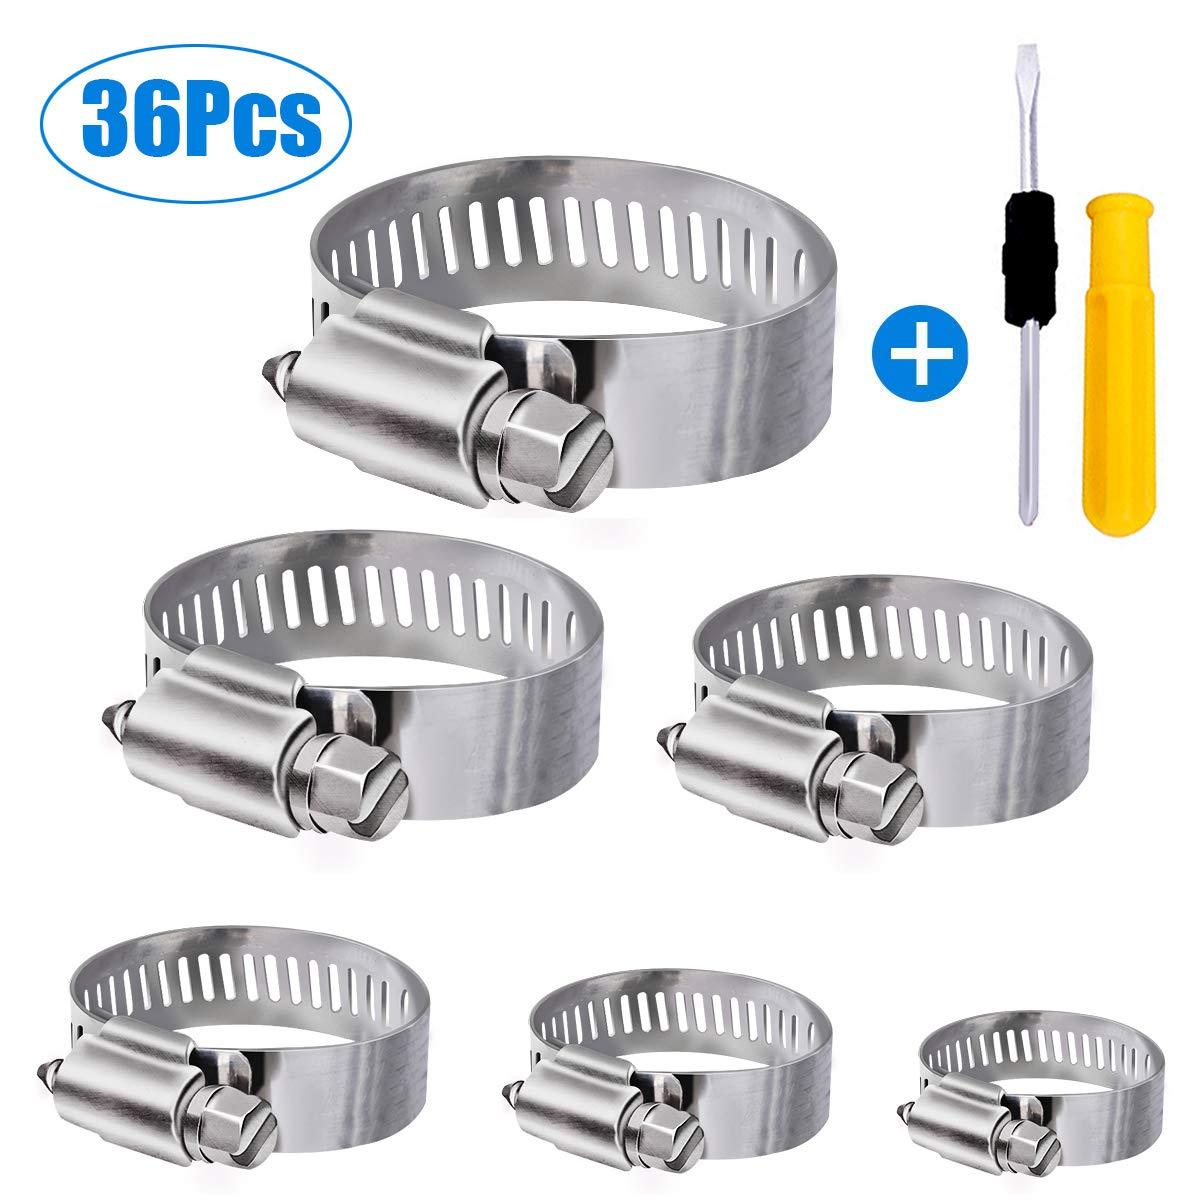 Winwoner Tuyau Clips, 36 pièces réglable 6–51 mm Gamme en acier inoxydable Colliers de serrage Assortiment de 8 tailles pour famille Tuyau d'eau, réservoir de gaz, tube d'automobiles, etc.